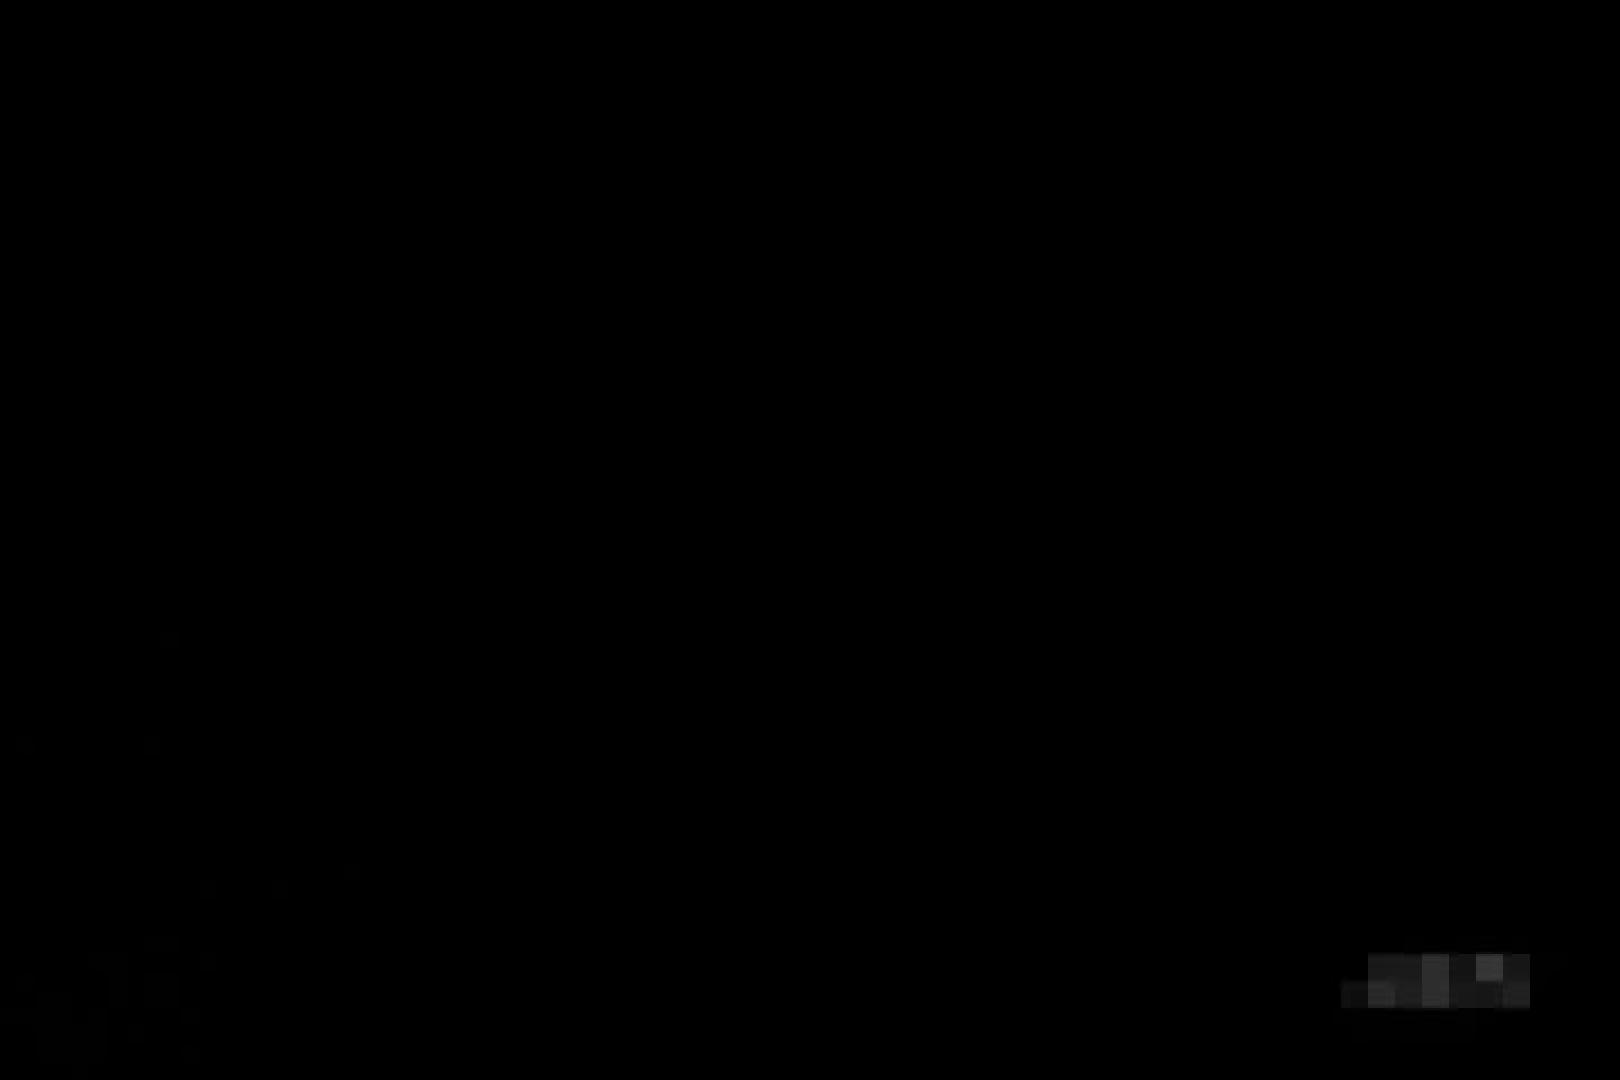 ショップギャルパンチラ!ただ今接客中!!Vol.1 現役ギャル スケベ動画紹介 85pic 39